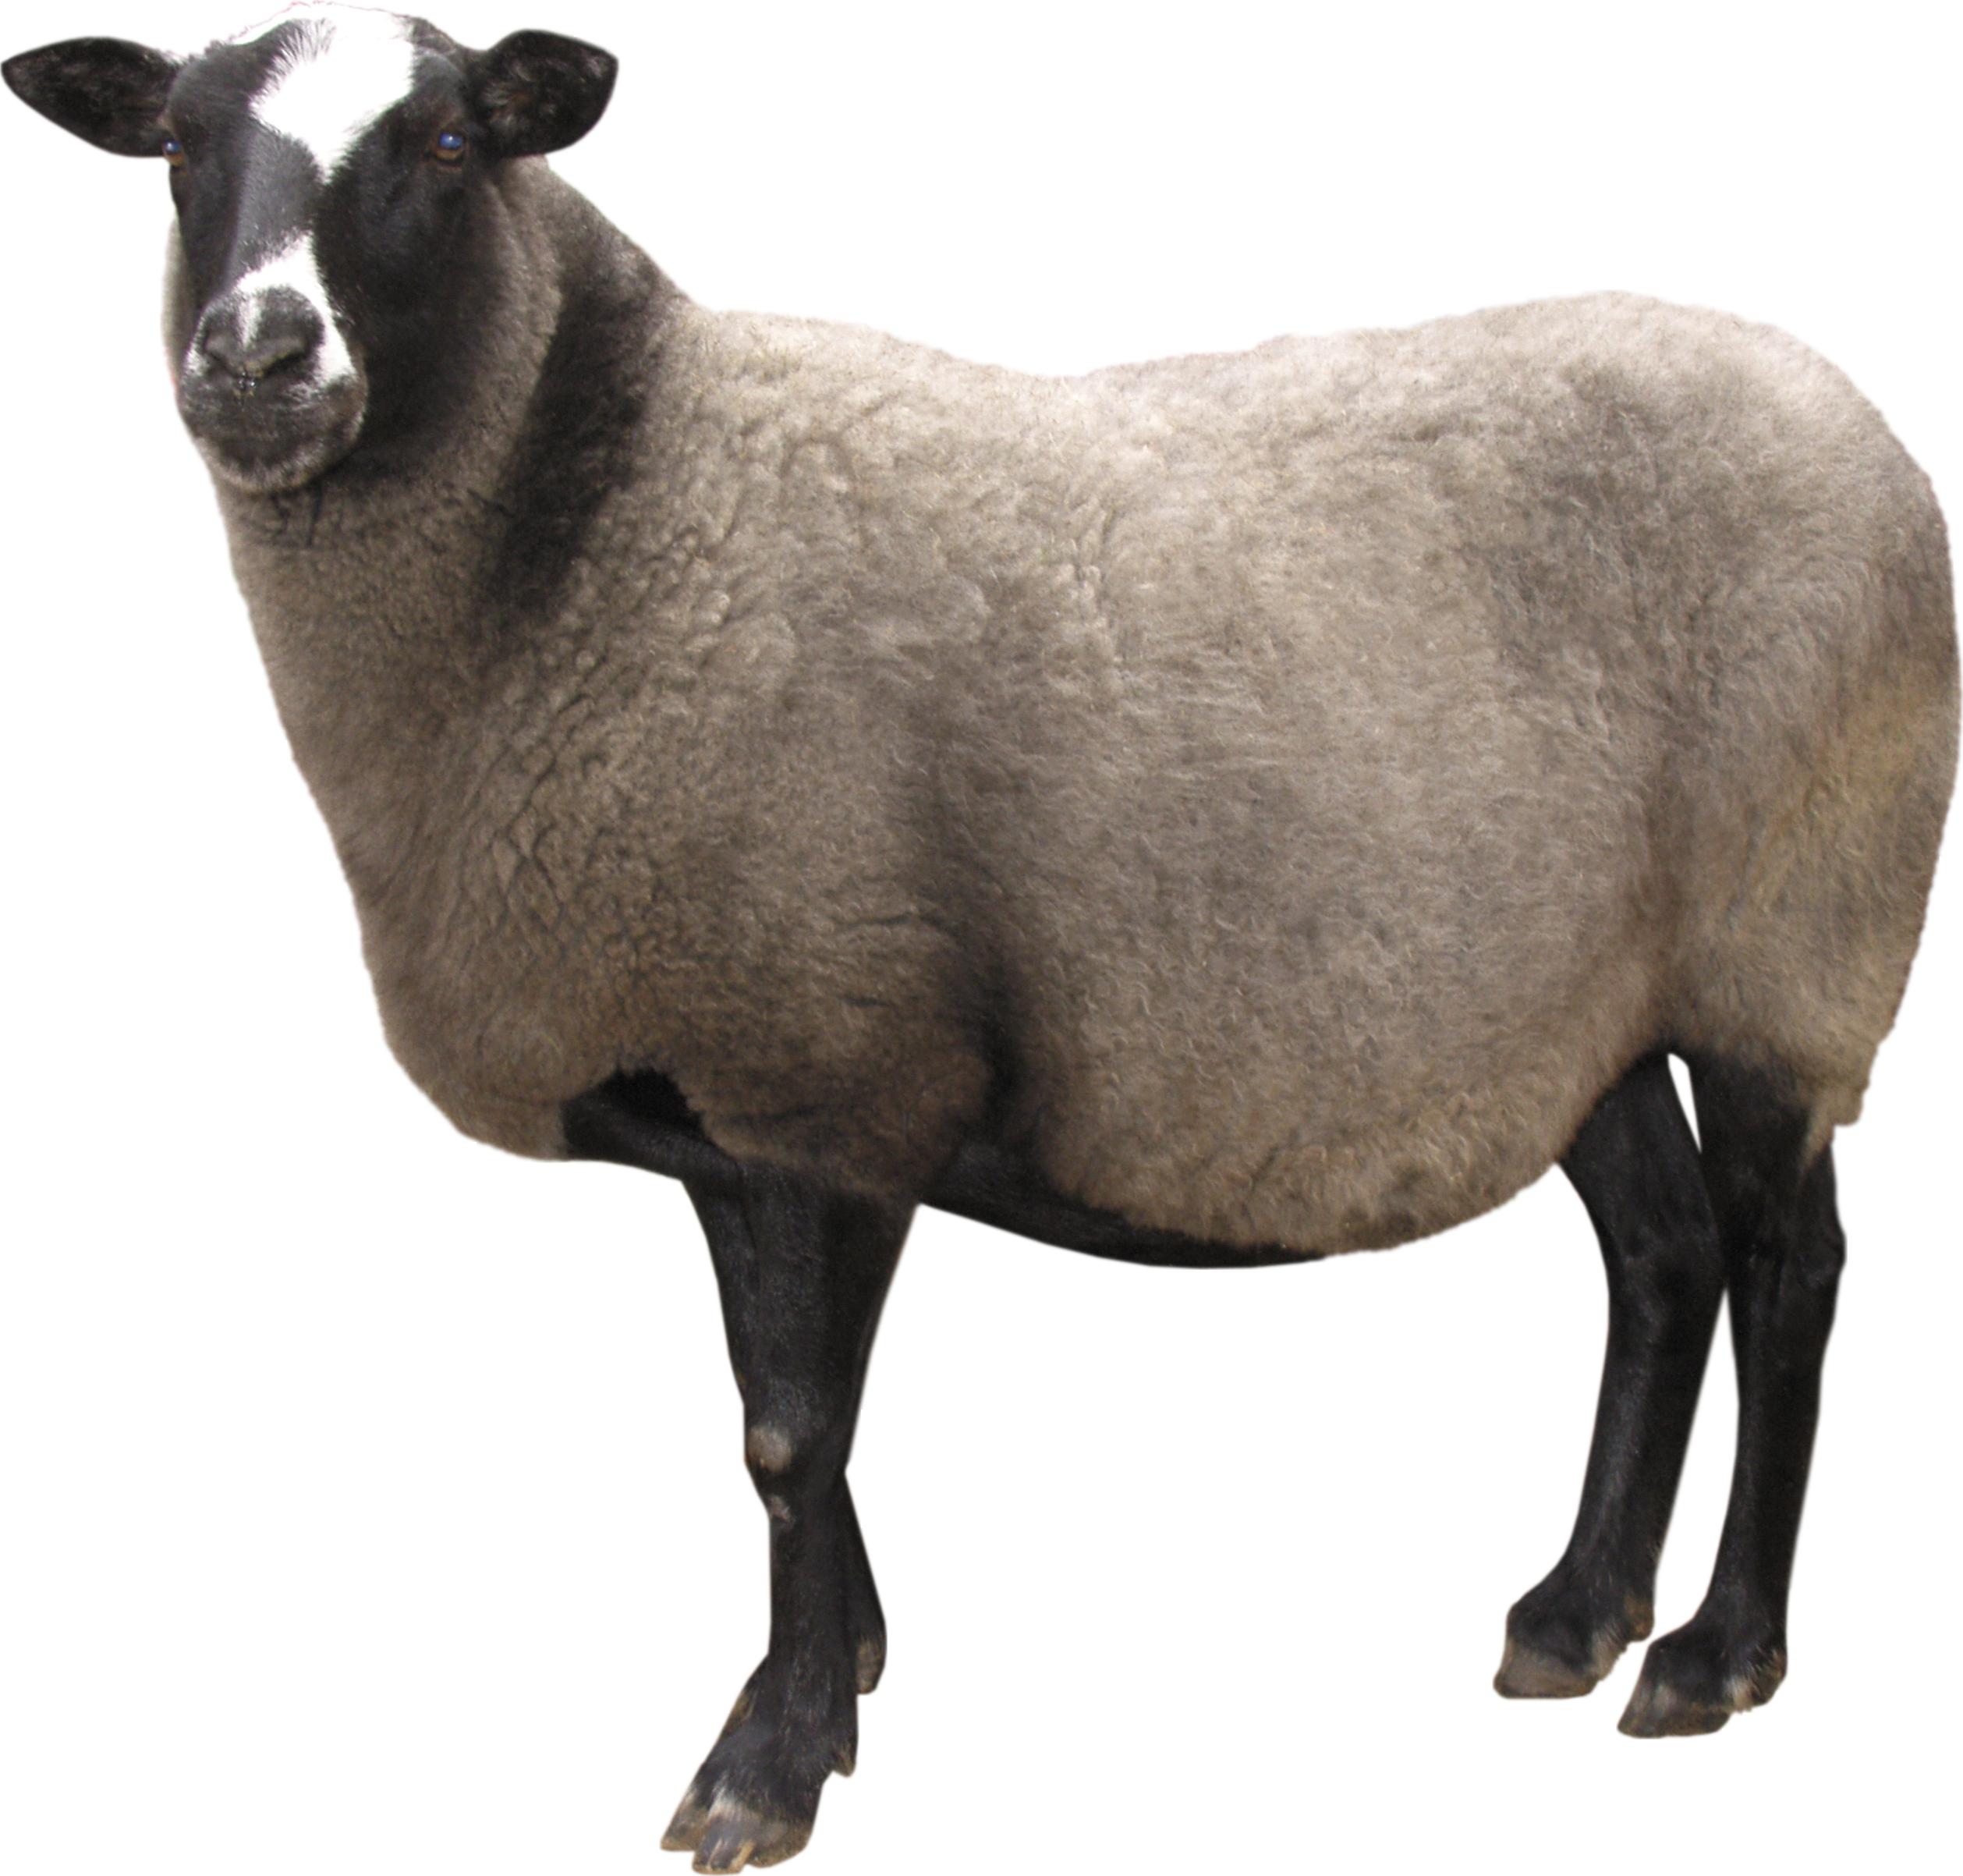 sheep PNG image - Sheep HD PNG - Cute Lamb PNG HD